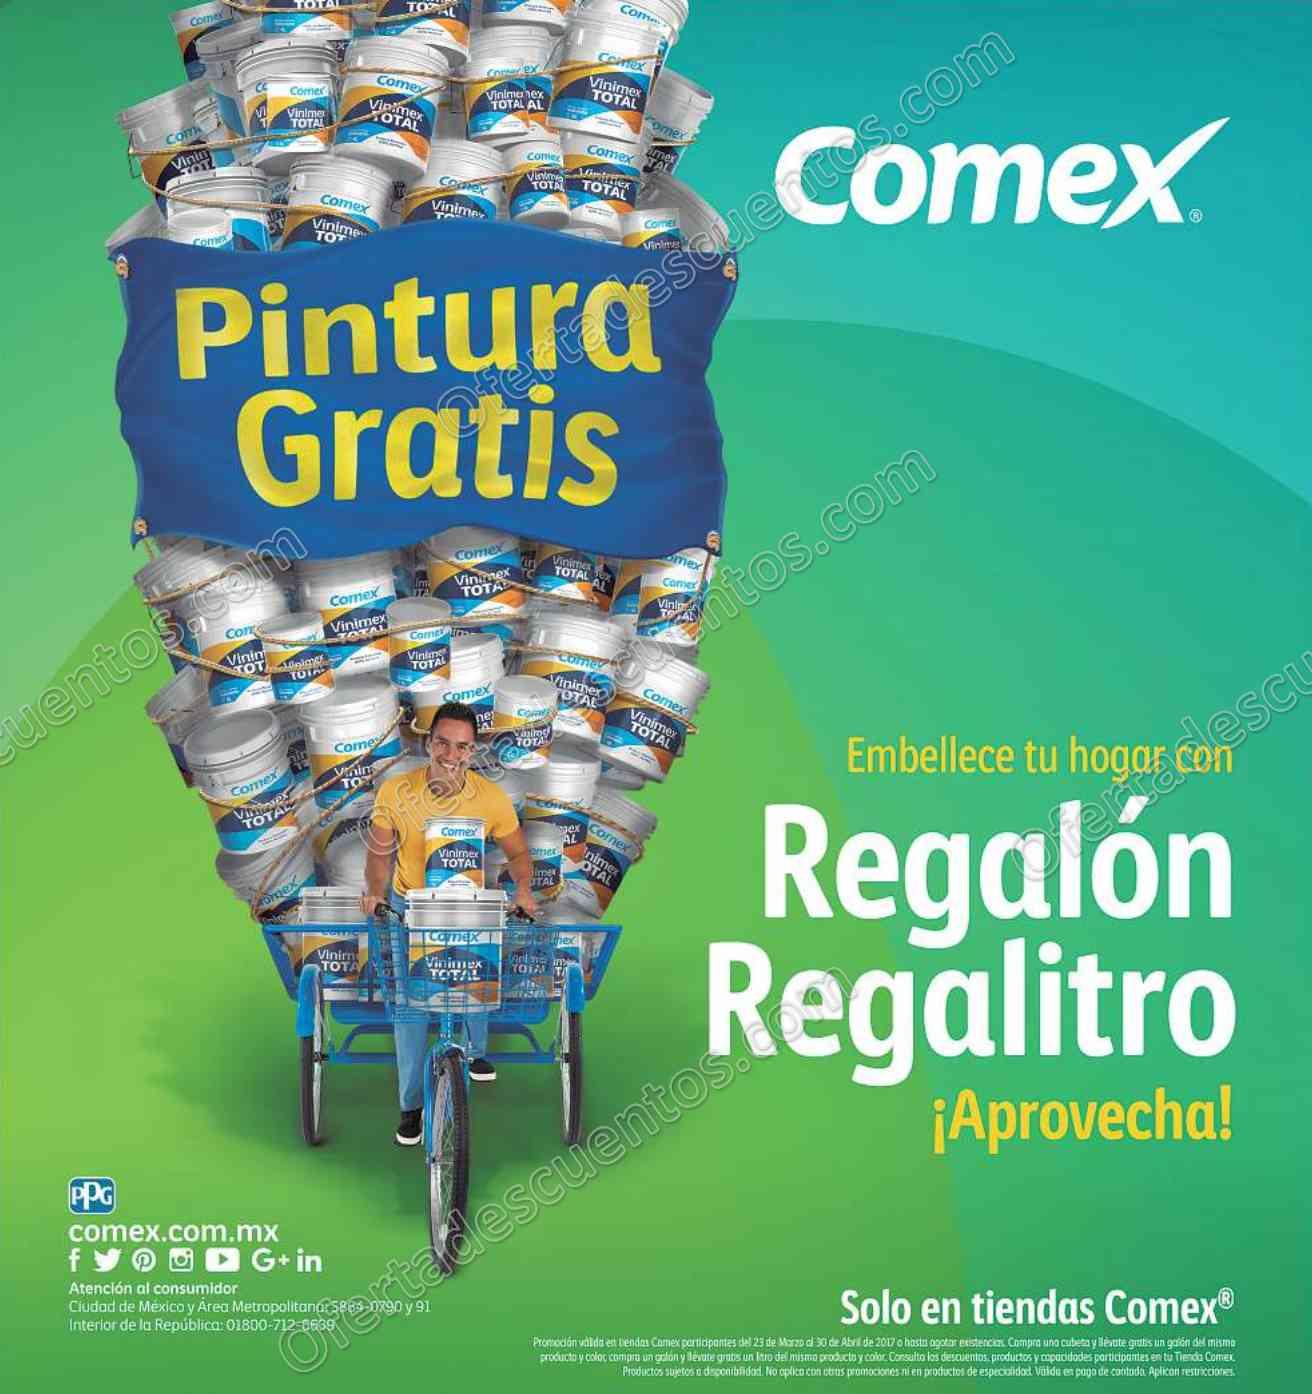 Comex: Regalón Regalitro 2017